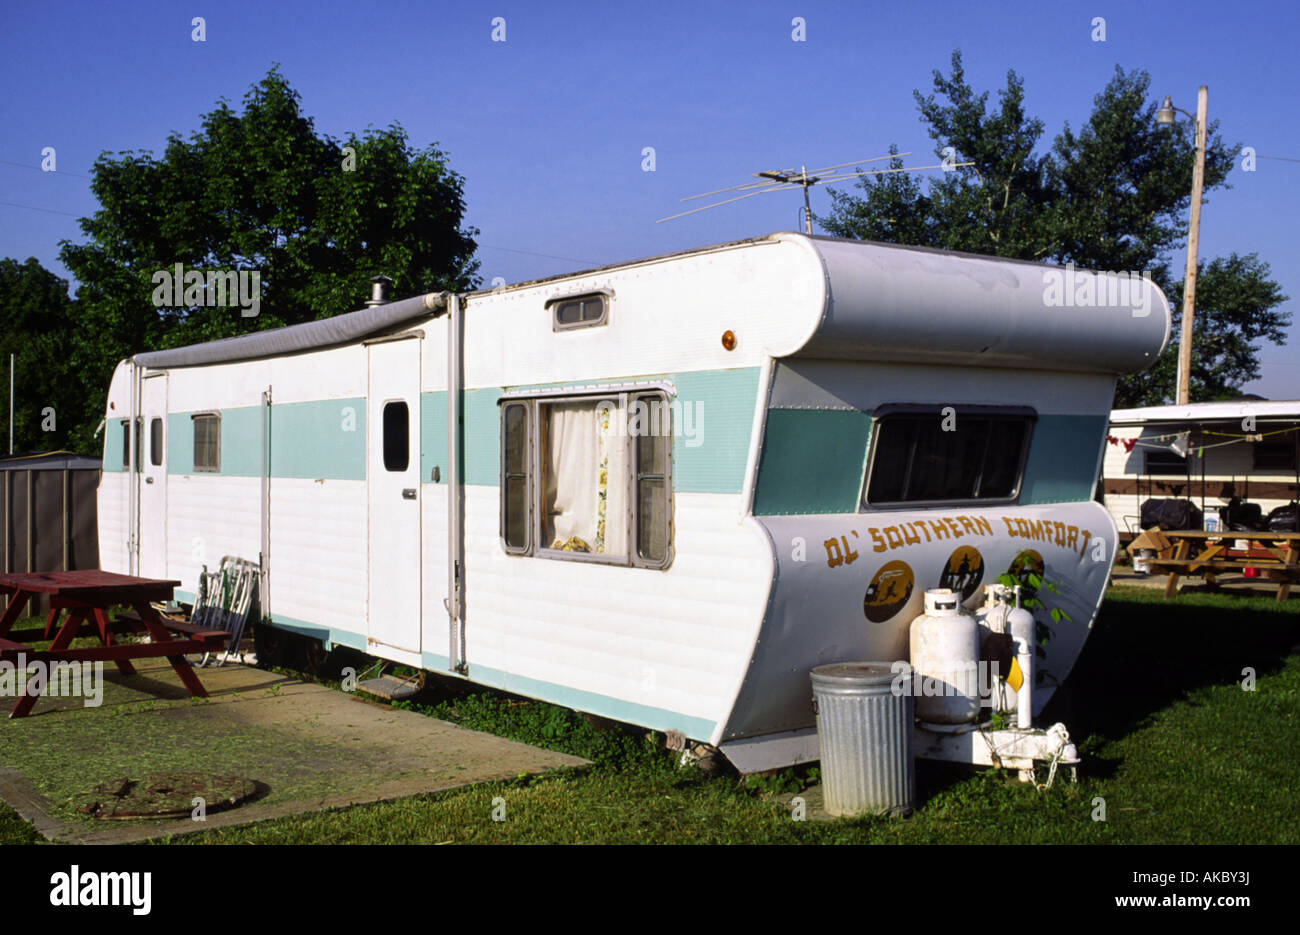 Un decenio de 1960 era una casa móvil en el Midwest americano trailer park Imagen De Stock